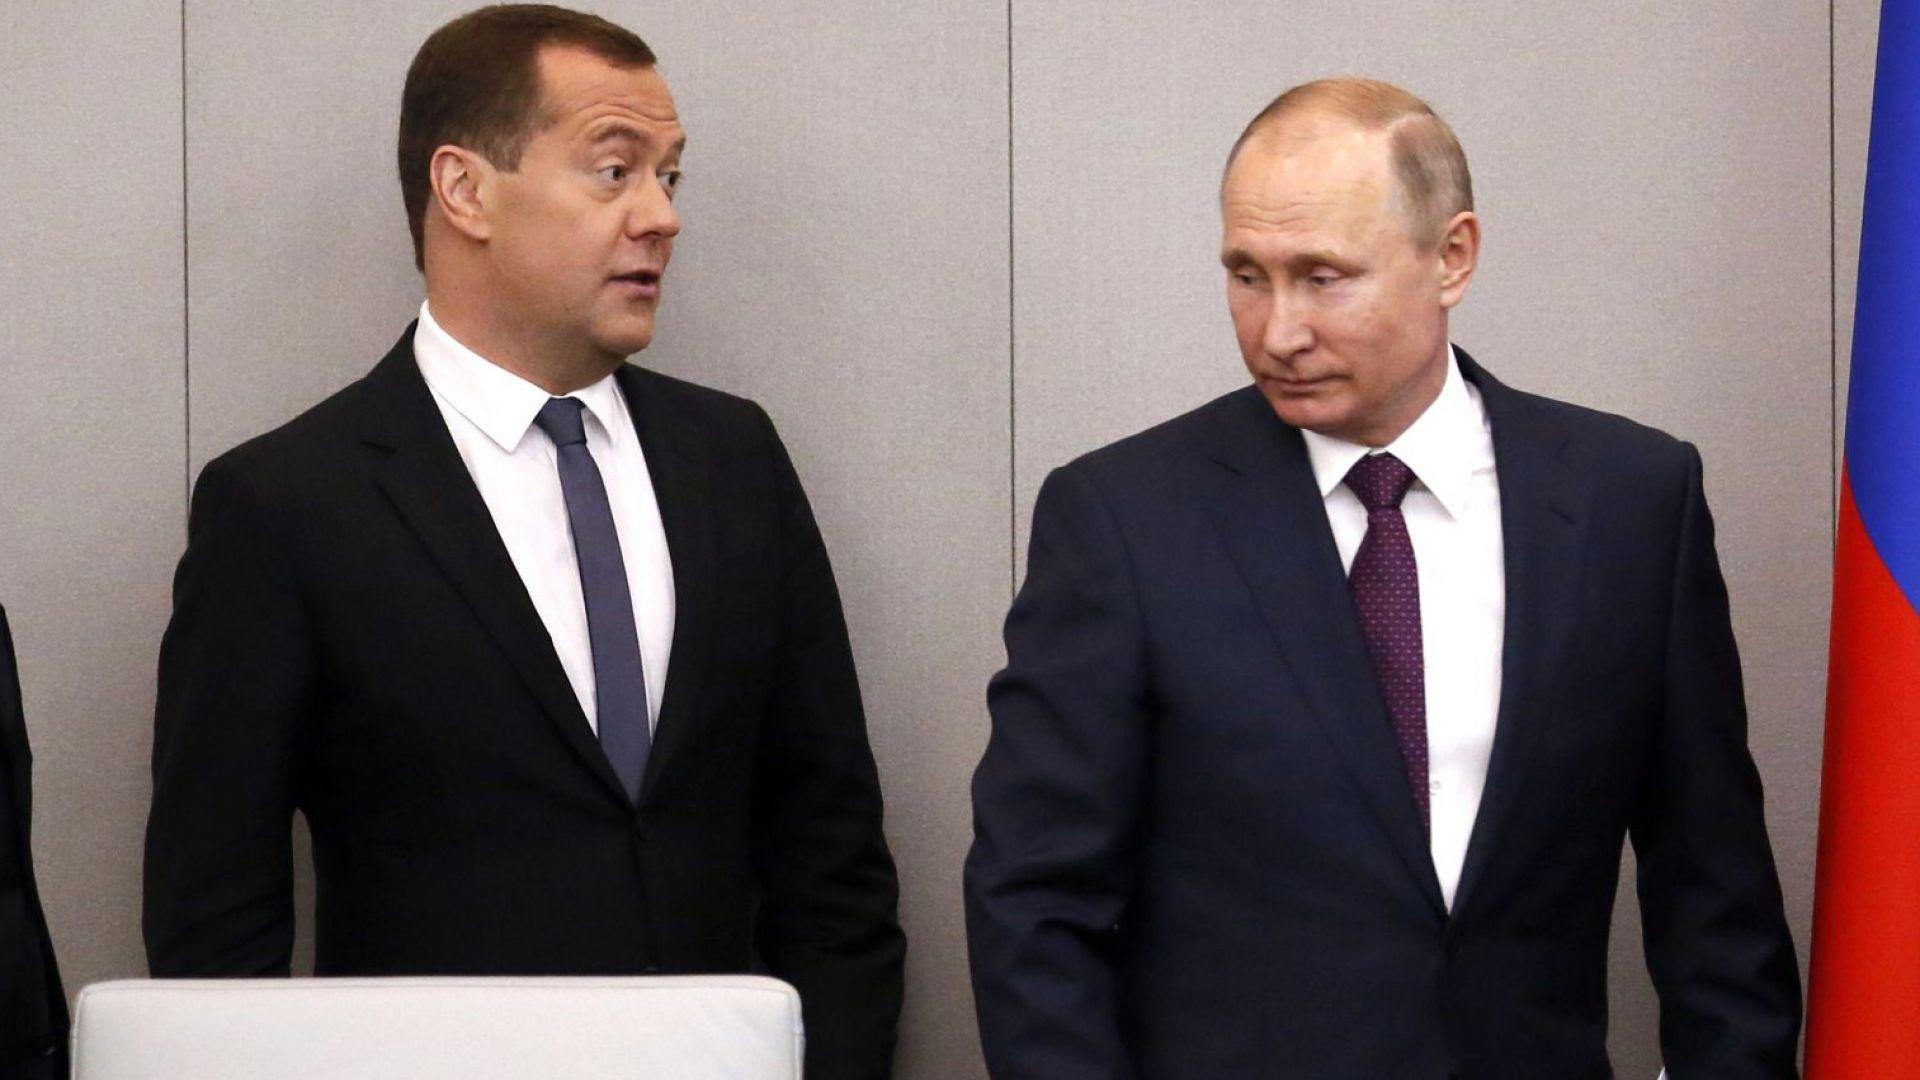 Путин пак наложи Медведев за премиер, ще харчат още 8 трилиона рубли